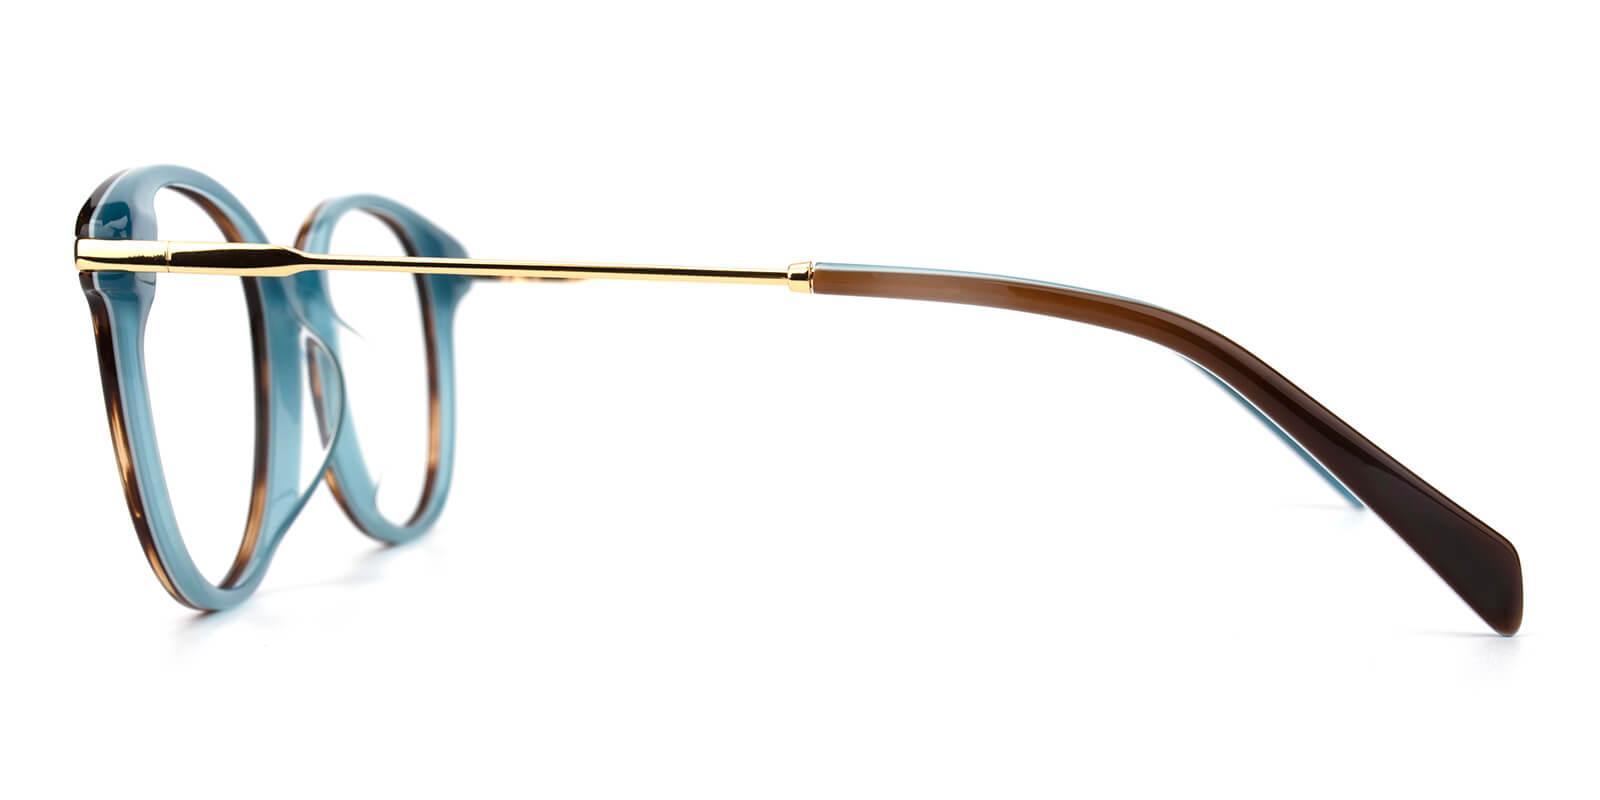 Hindoom-Tortoise-Round-Acetate-Eyeglasses-additional3